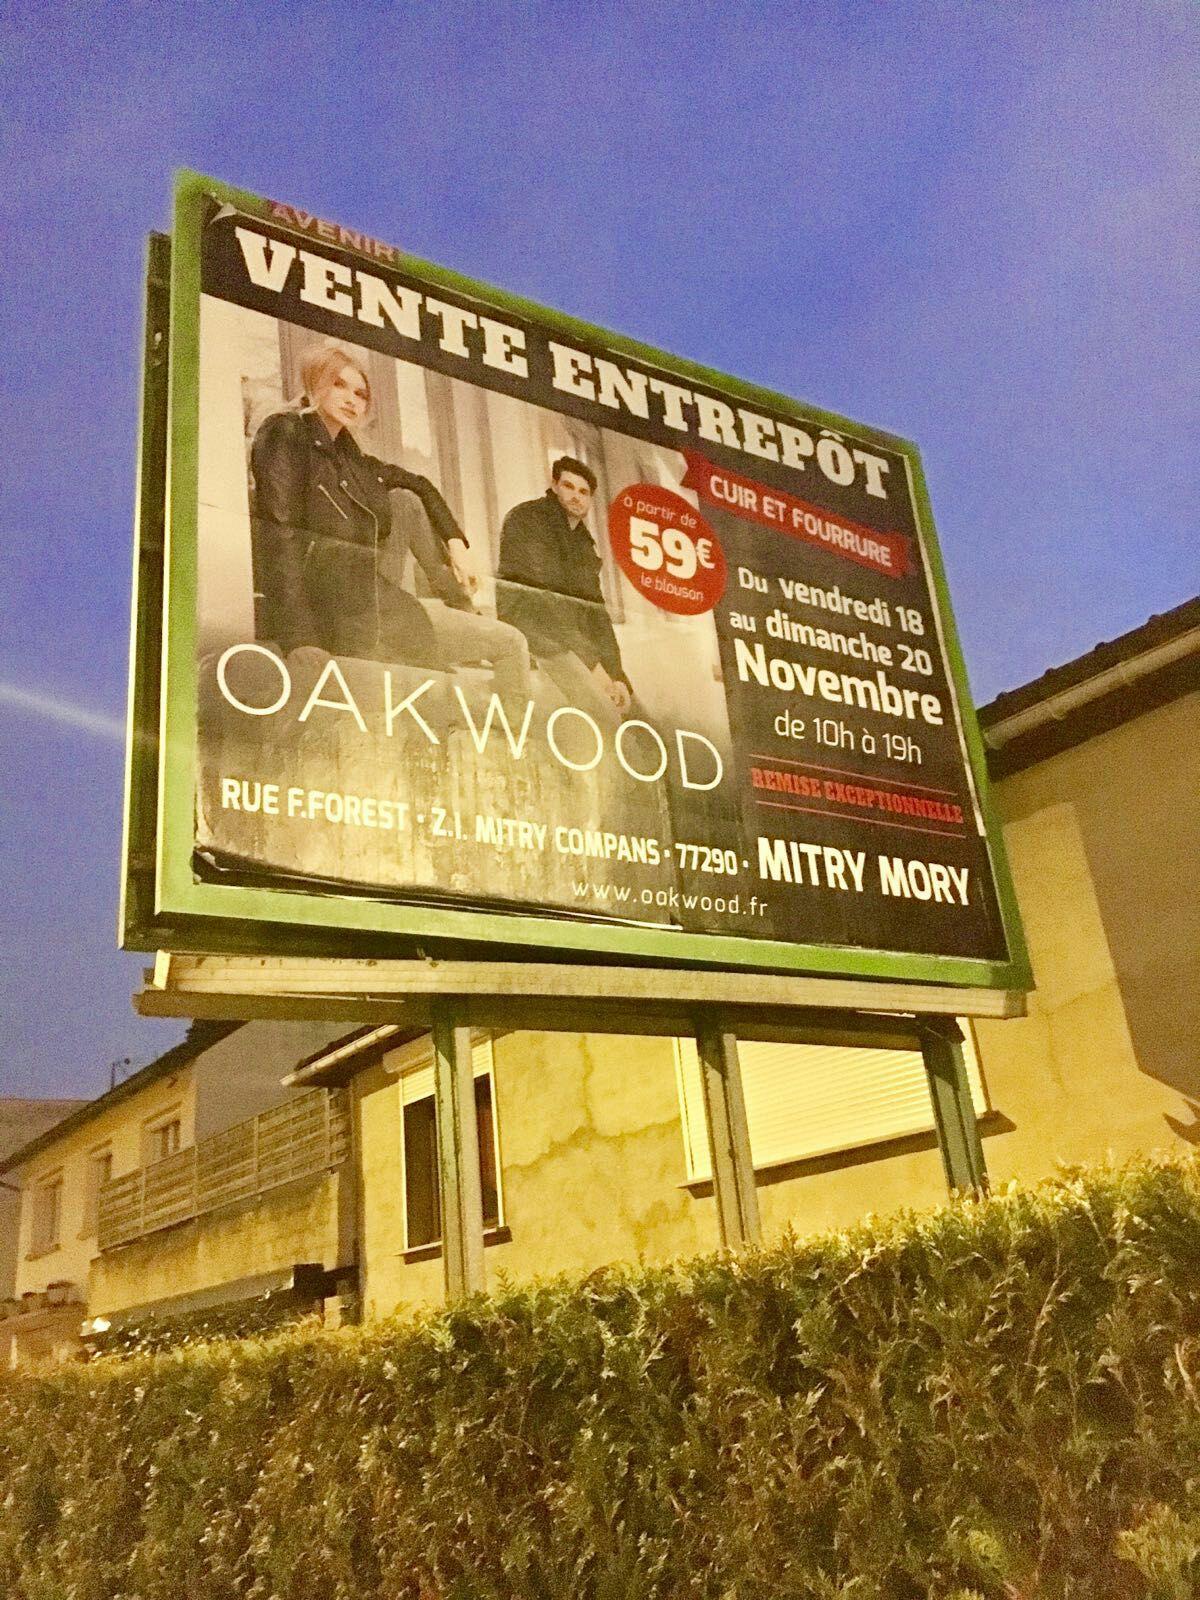 Sélection d'articles Oakwood en promotion - Ex : Blouson